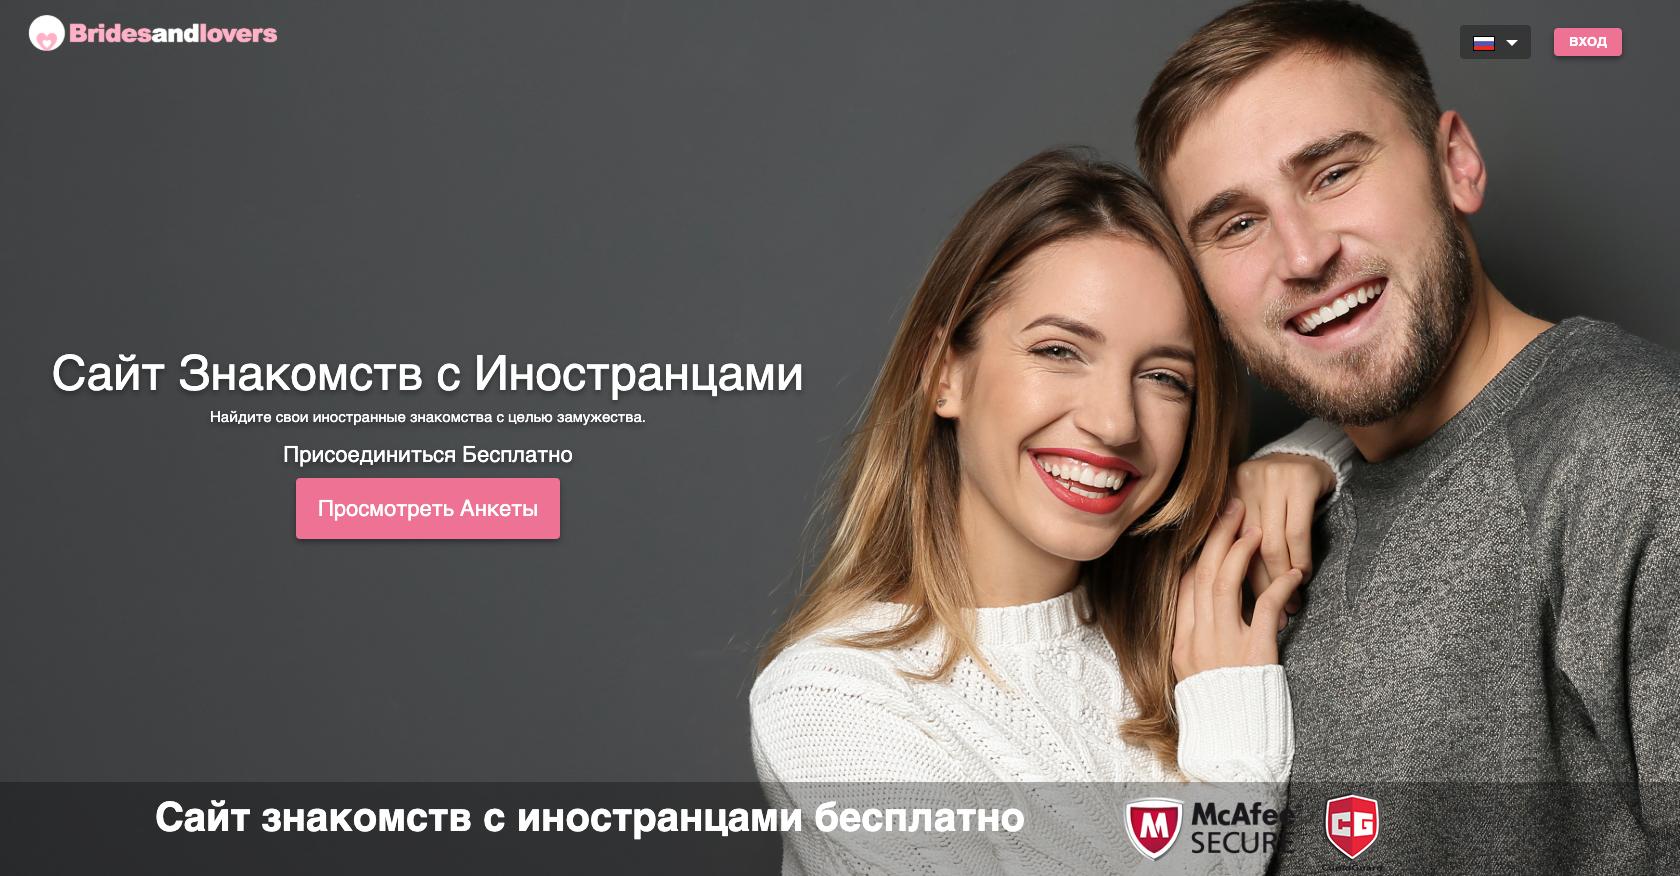 Бесплатный сайт знакомств для одной ночи секс знакомства ровенская область